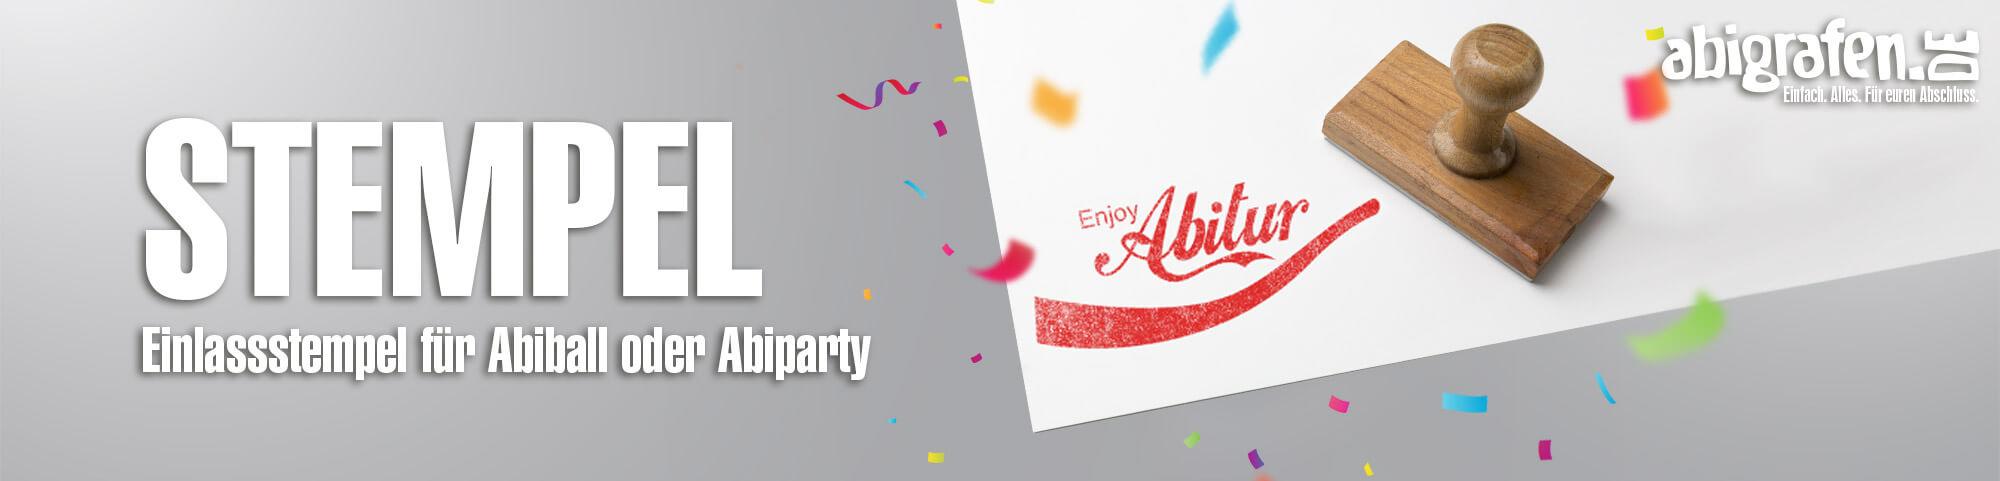 Produktinformationen, Gestaltungsoptionen & Druck Einlass-Stempel für Abiparty/Abiball